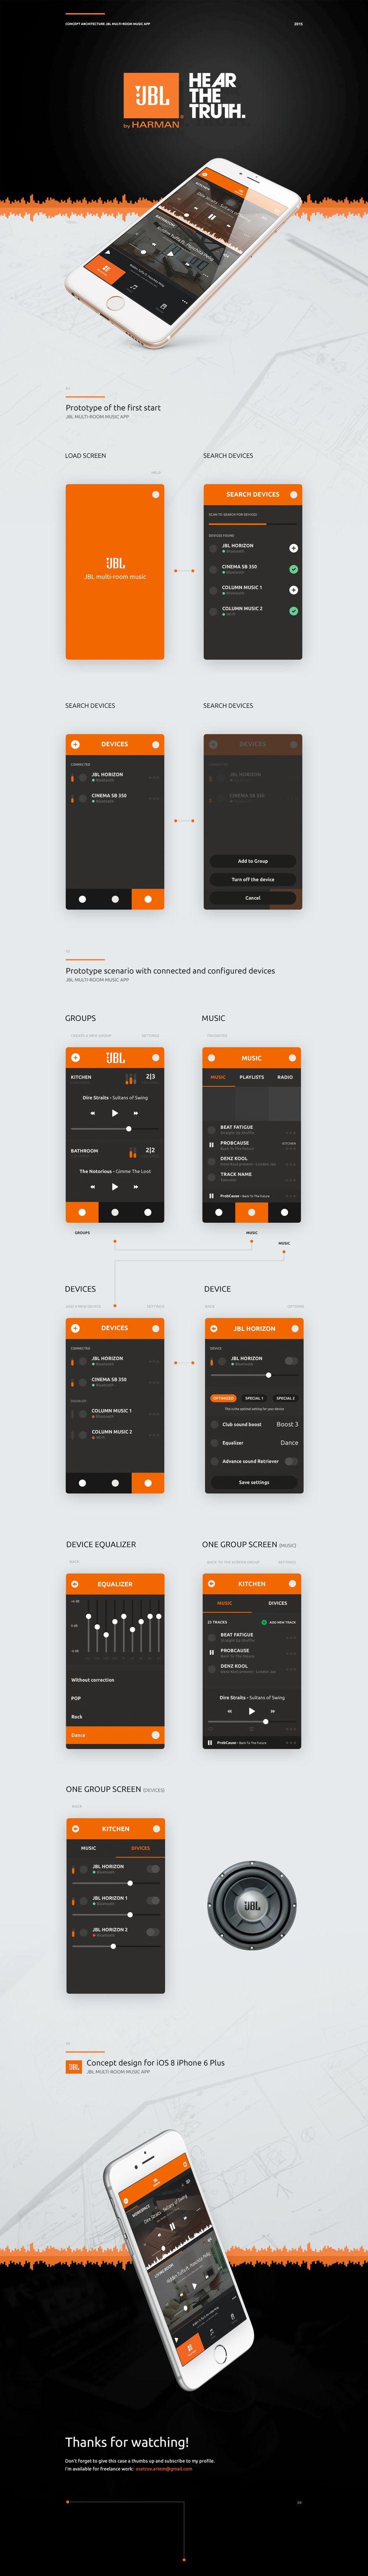 Concept JBL multi-room music app on Behance